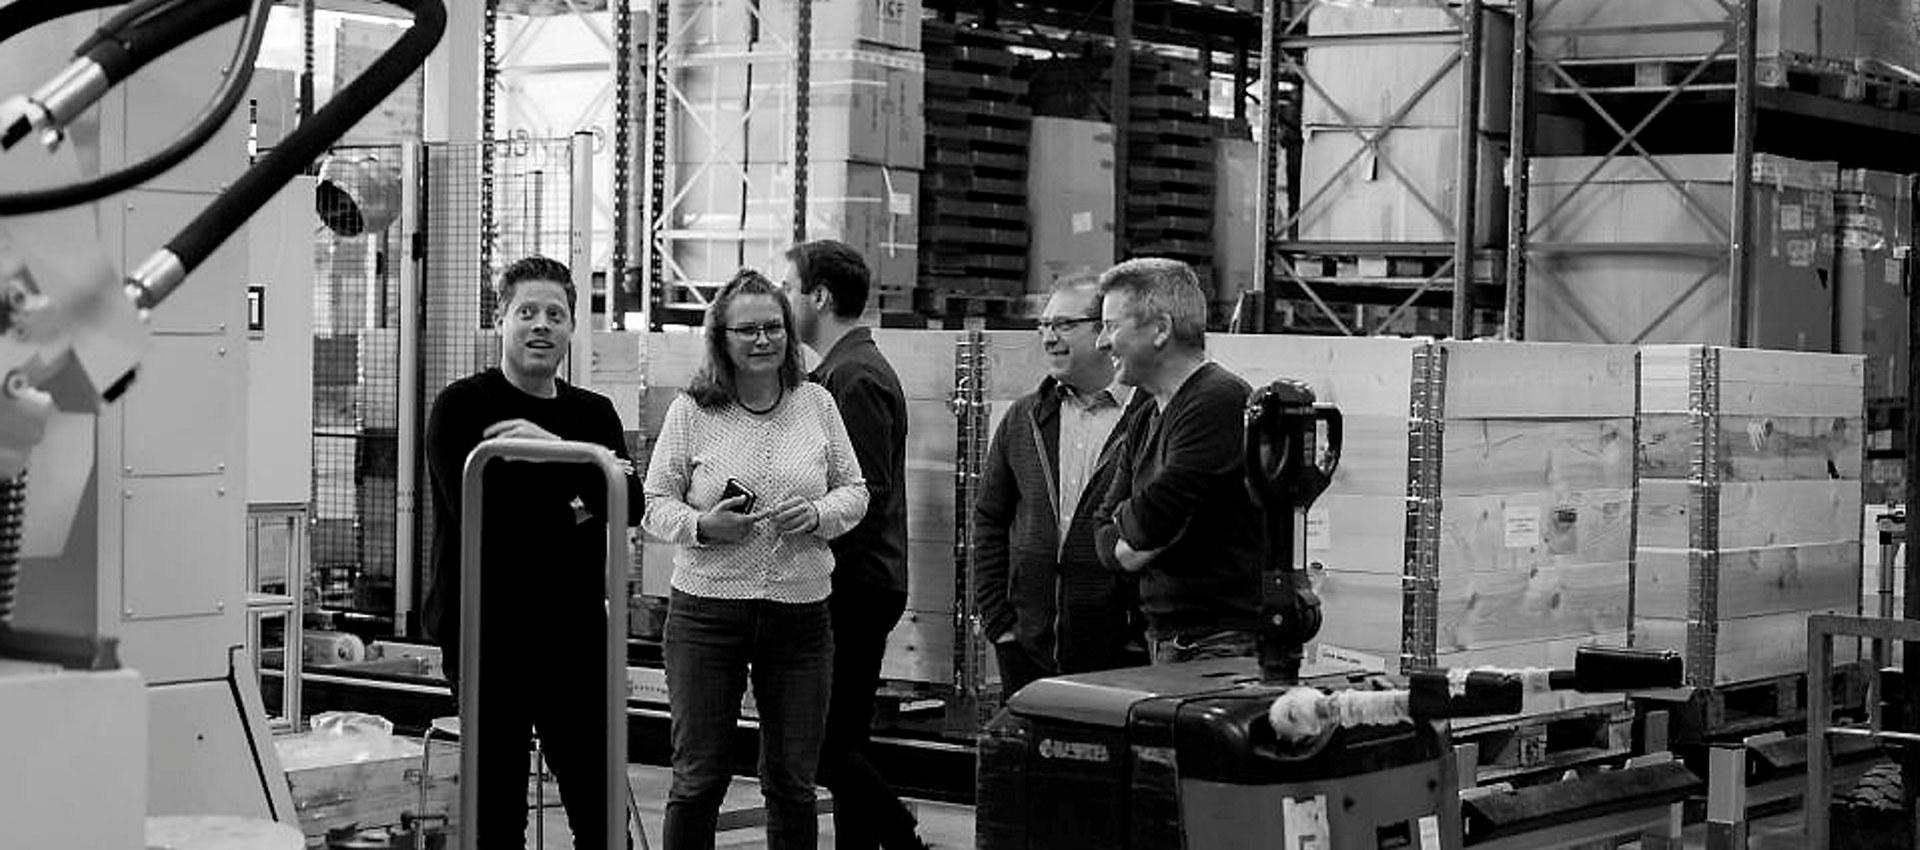 Fra venstre: arkitekt Stian Alessandro Ekkernes Rossi, Snøhetta. Markedssjef Ragnhild Johannessen, teknisk sjef Håkon Edvardsen og daglig leder Svein-Erik Hjerpbakk, NCP. Foto: Snøhetta.